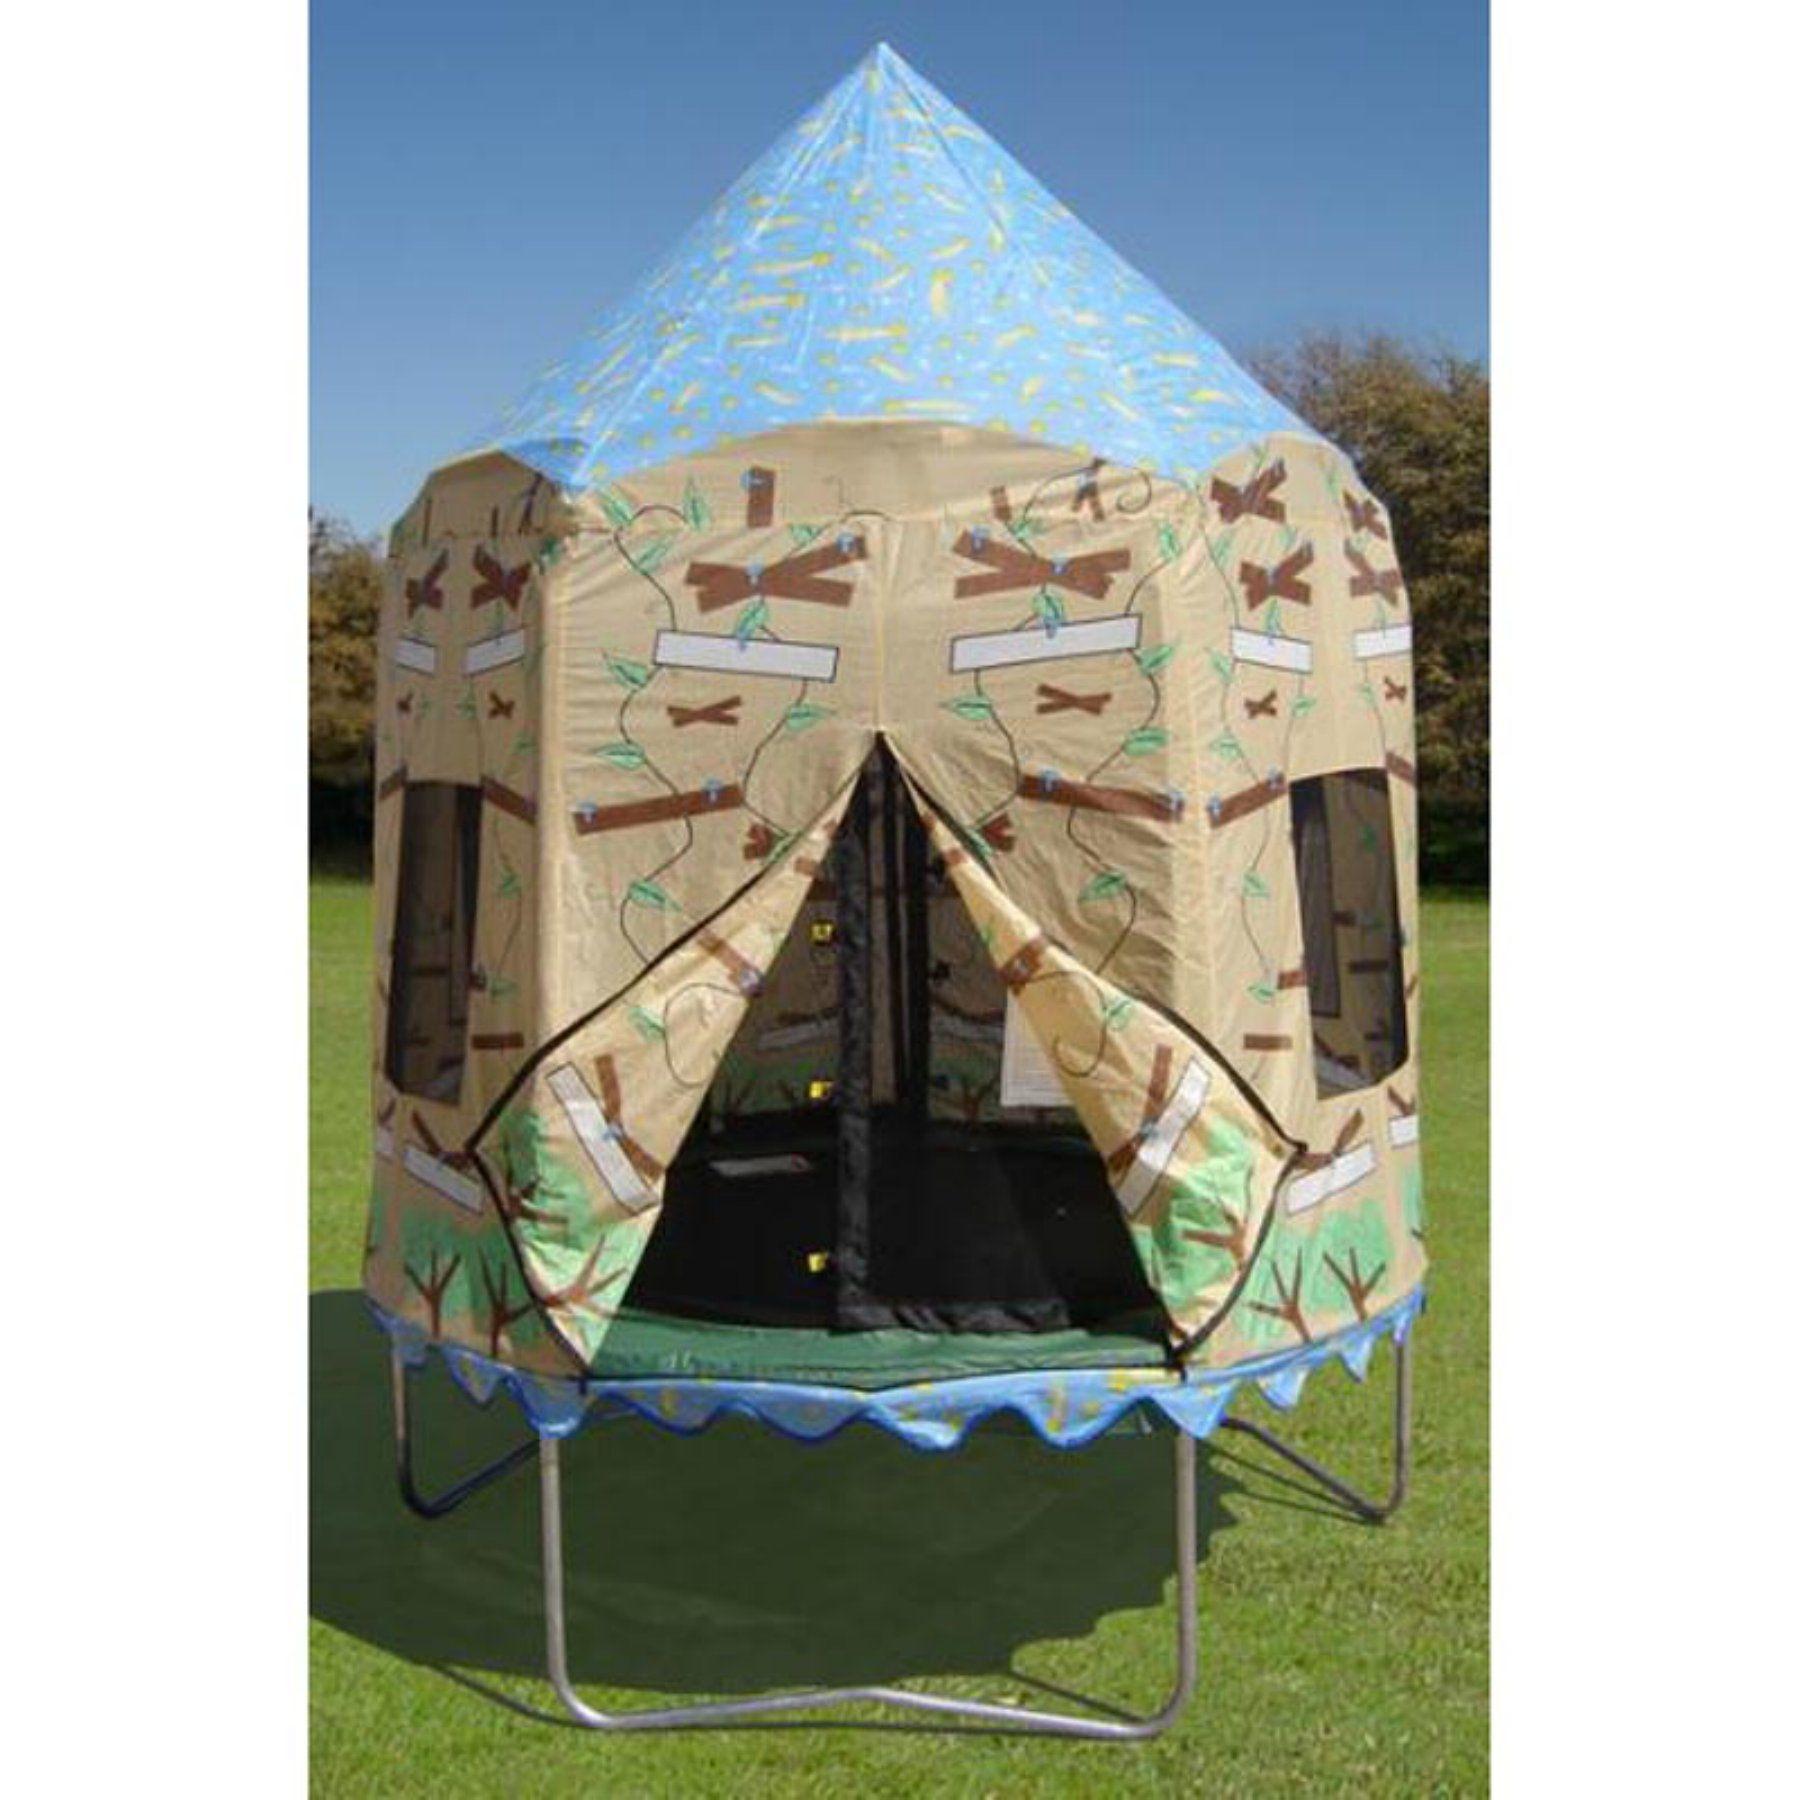 8ft tr&oline enclosure cover  sc 1 st  Foter & Trampoline Enclosure Cover - Foter